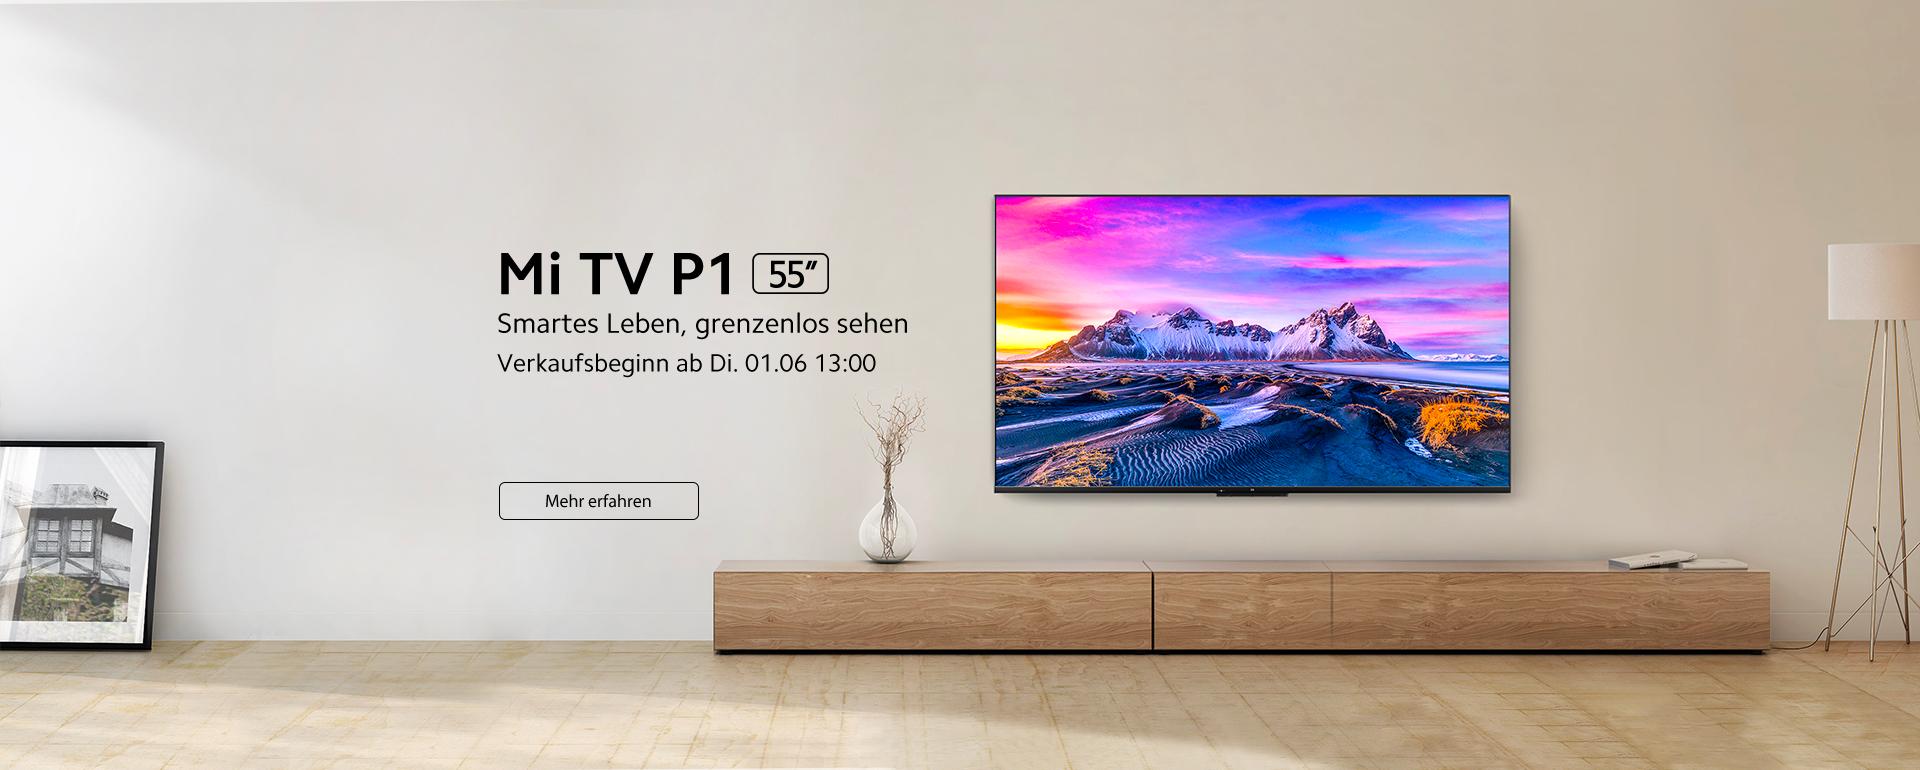 Mi TV P1 55''